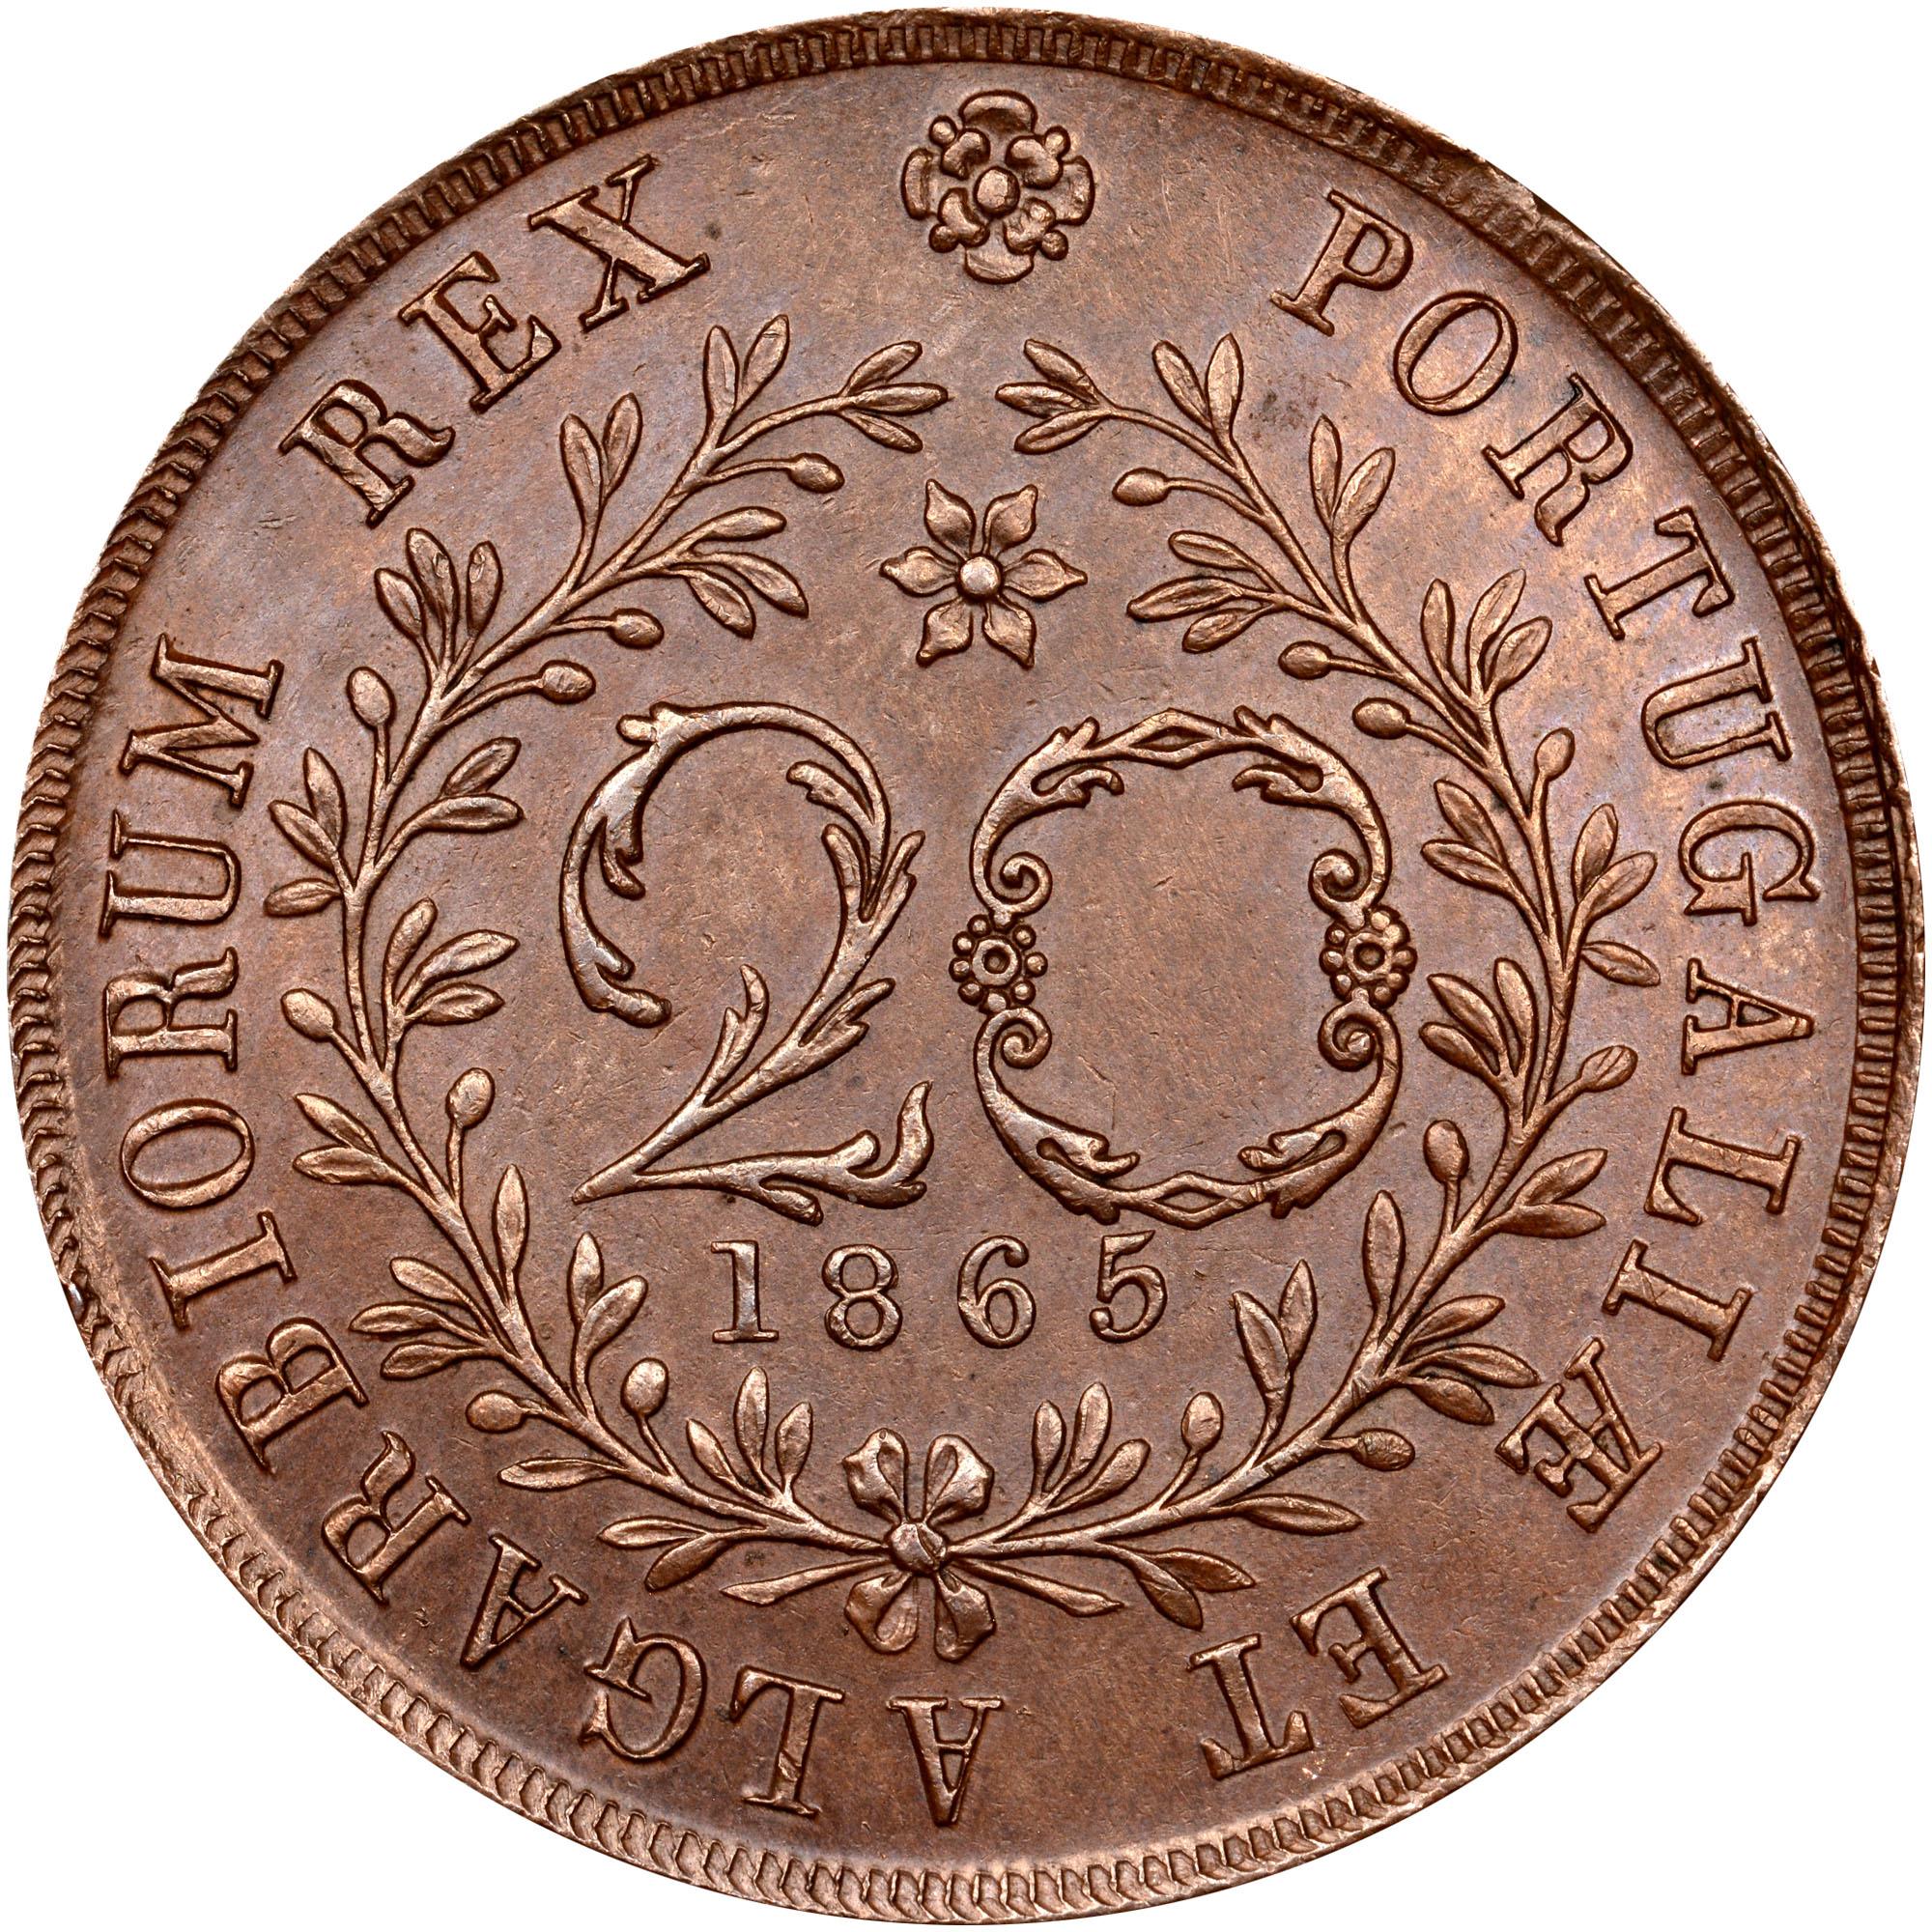 1865-1866 Azores 20 Reis reverse